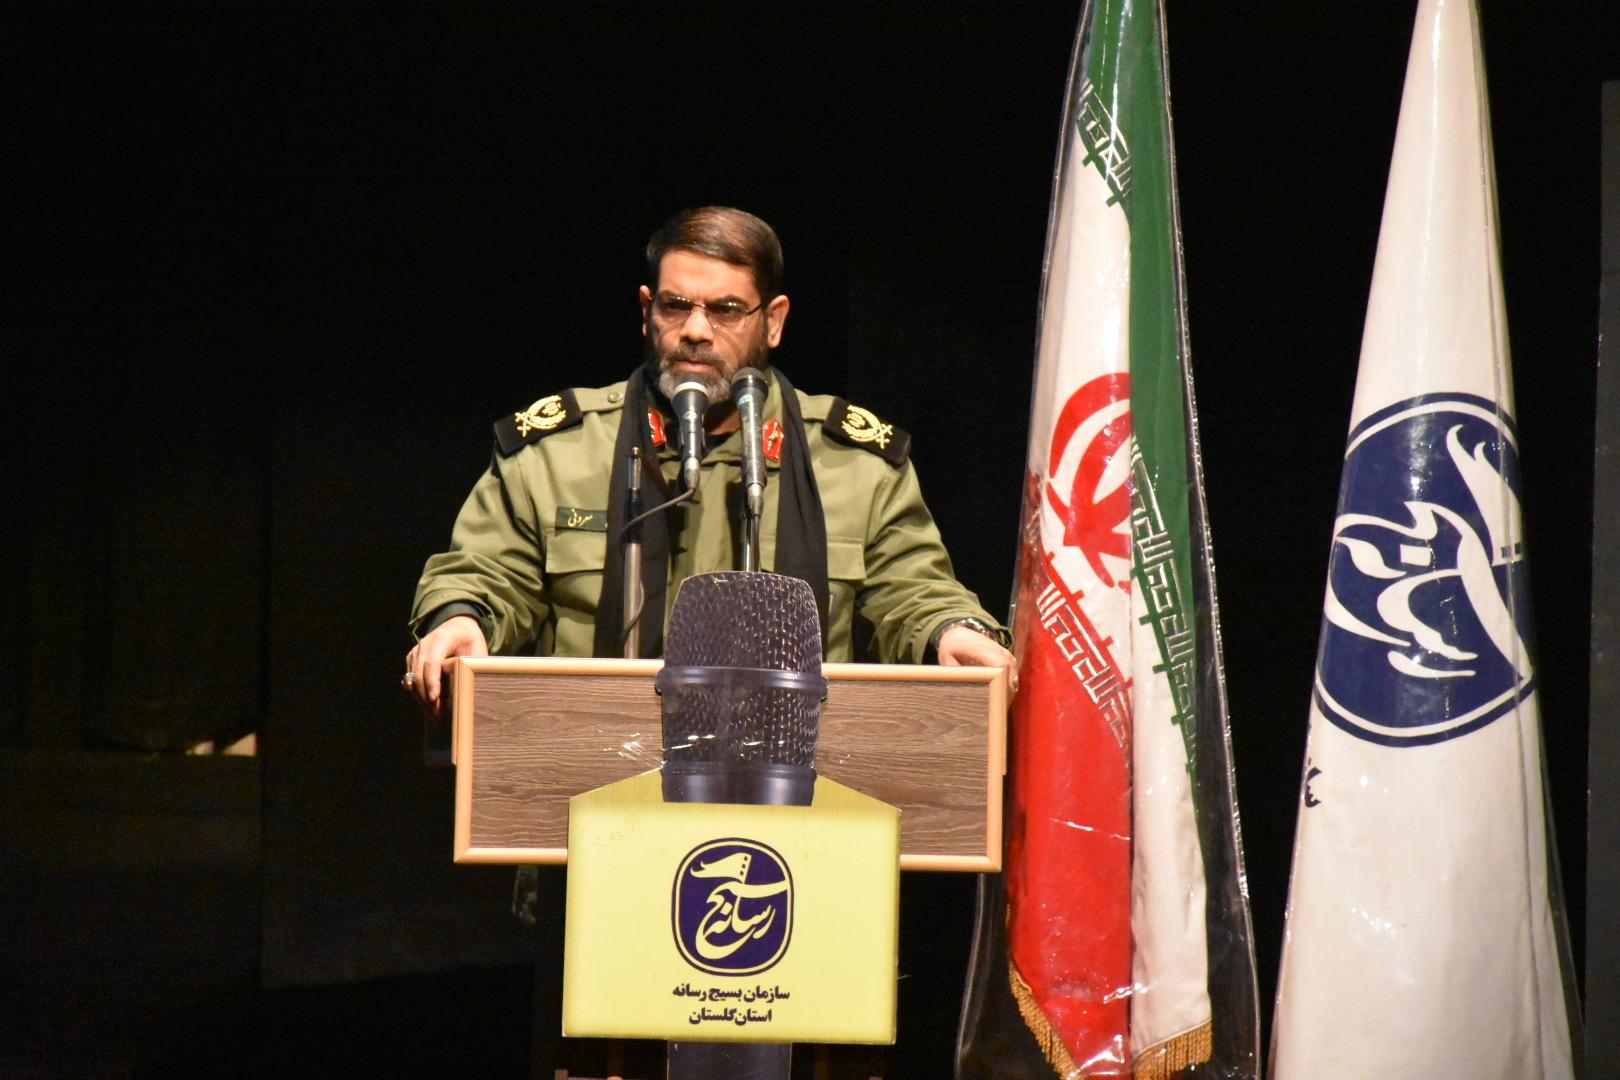 رسانه انقلابی جناحی و حزبی عمل نمیکند / موضع رسانه های ما نباید فقط پدافندی باشد